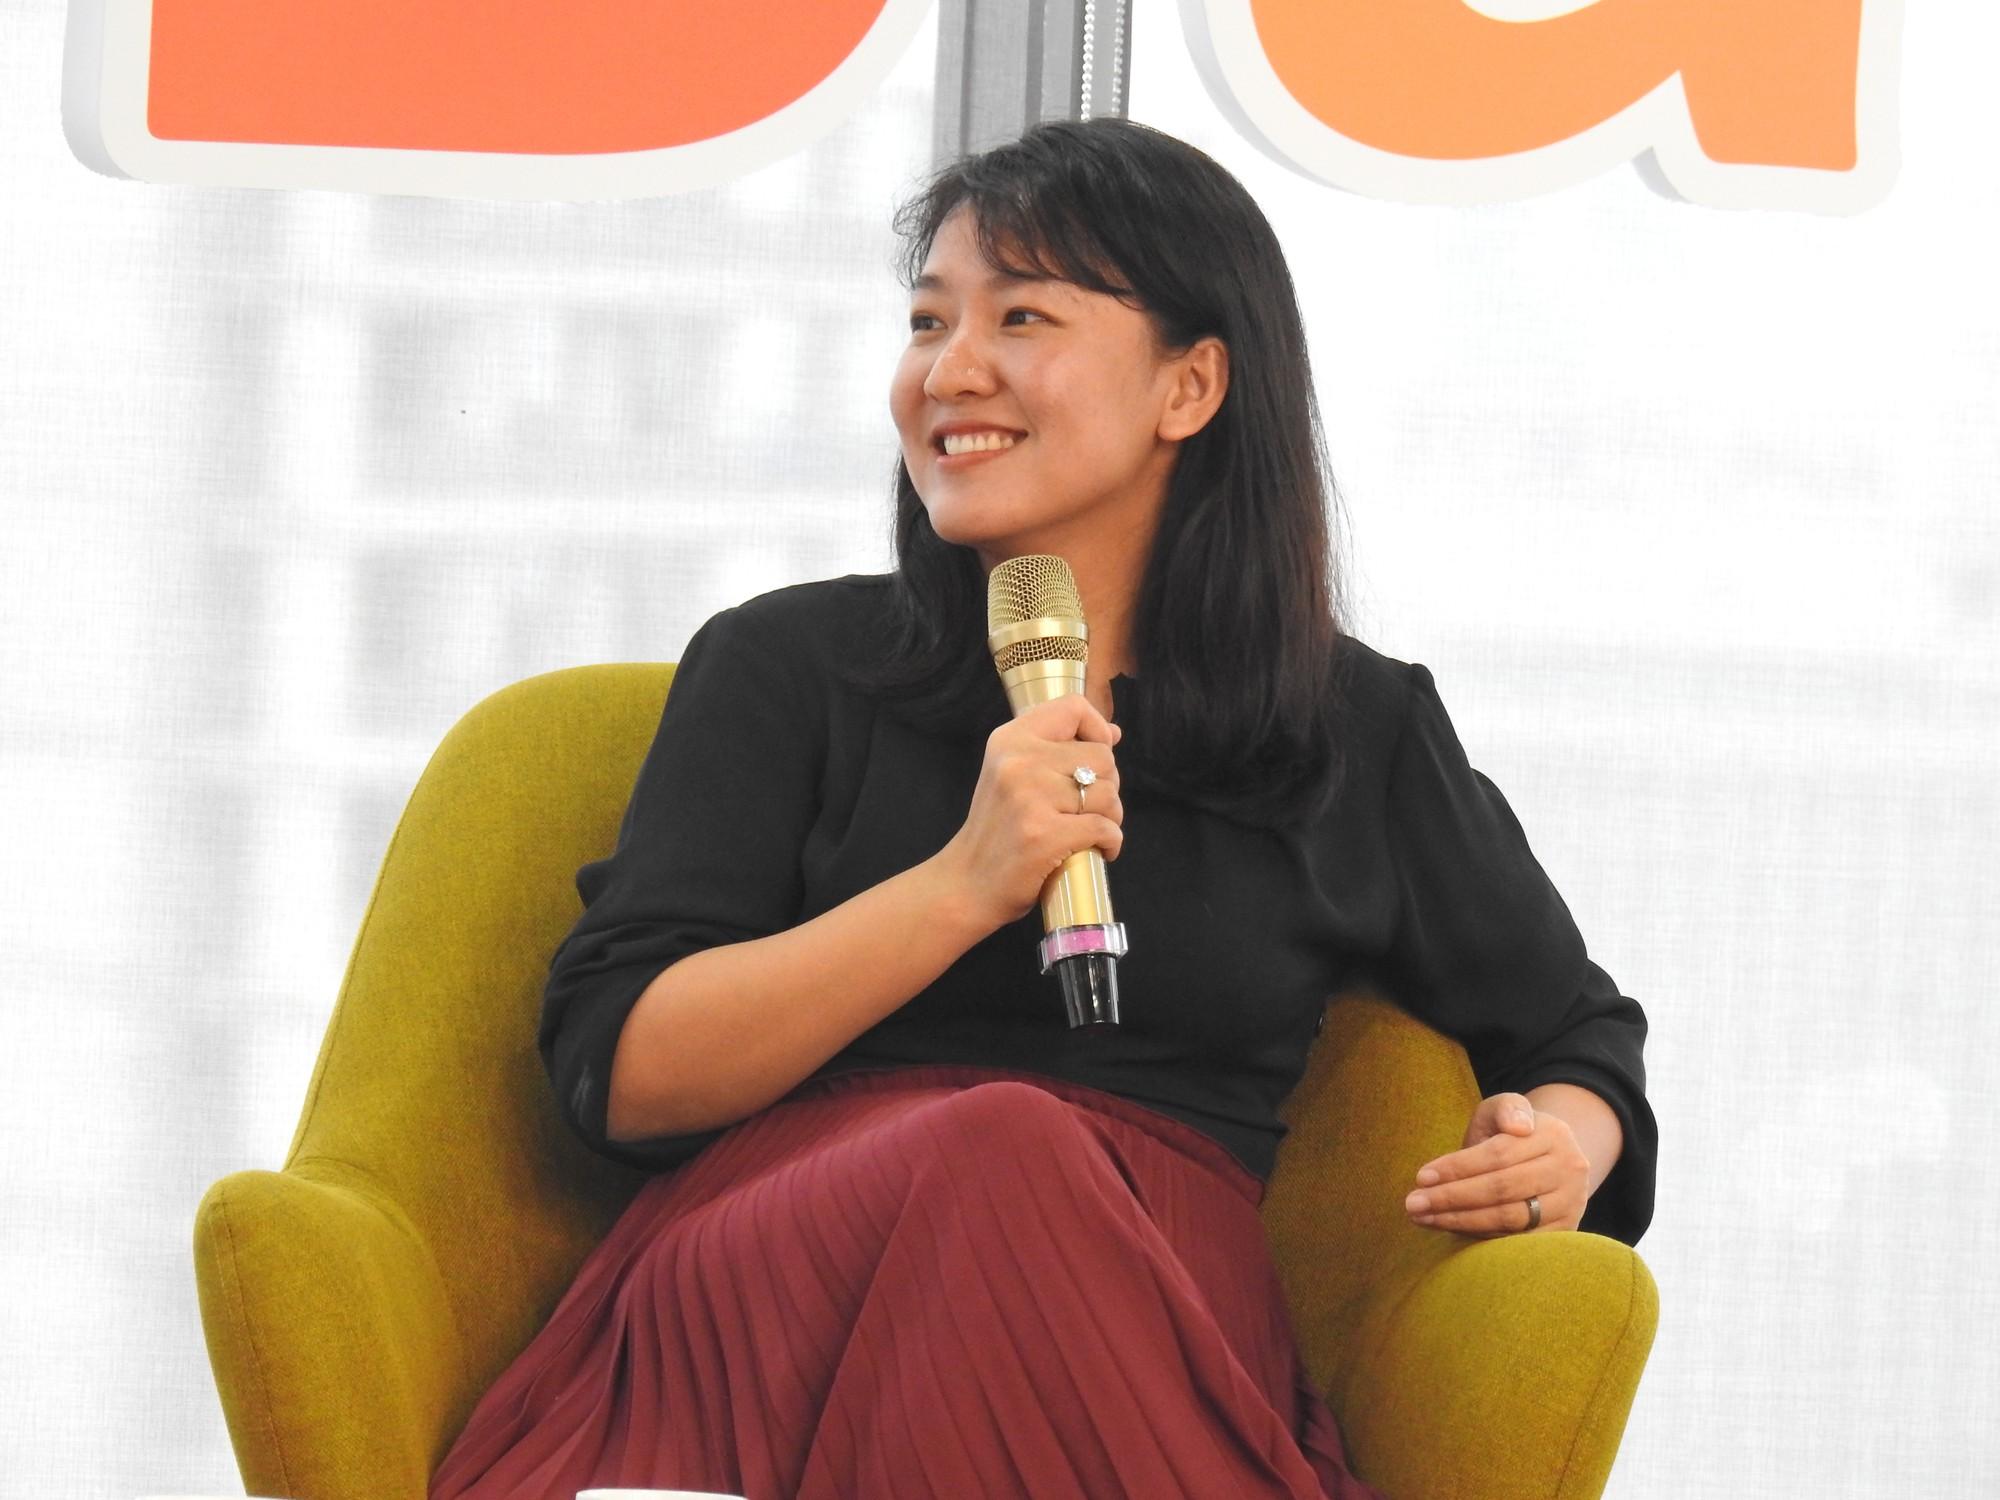 Bà Lê Diệp Kiều Trang kể chuyện bán Misfit, rời Facebook ... và đầu quân cho Go-Viet  - Ảnh 2.